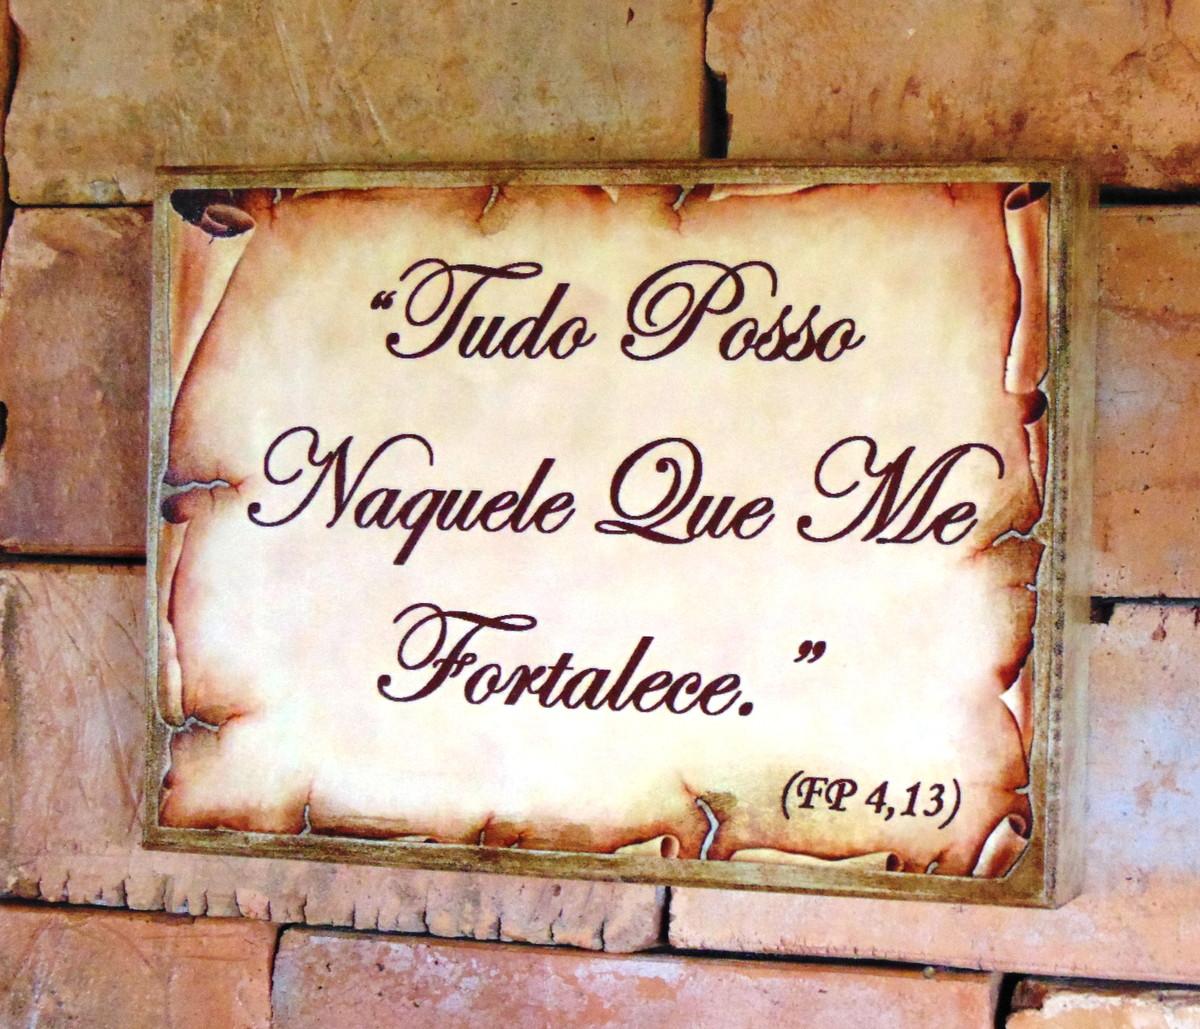 Quadro Vintage Mensagem Bíblica 2 No Elo7 Pingo De Tinta 520e9e